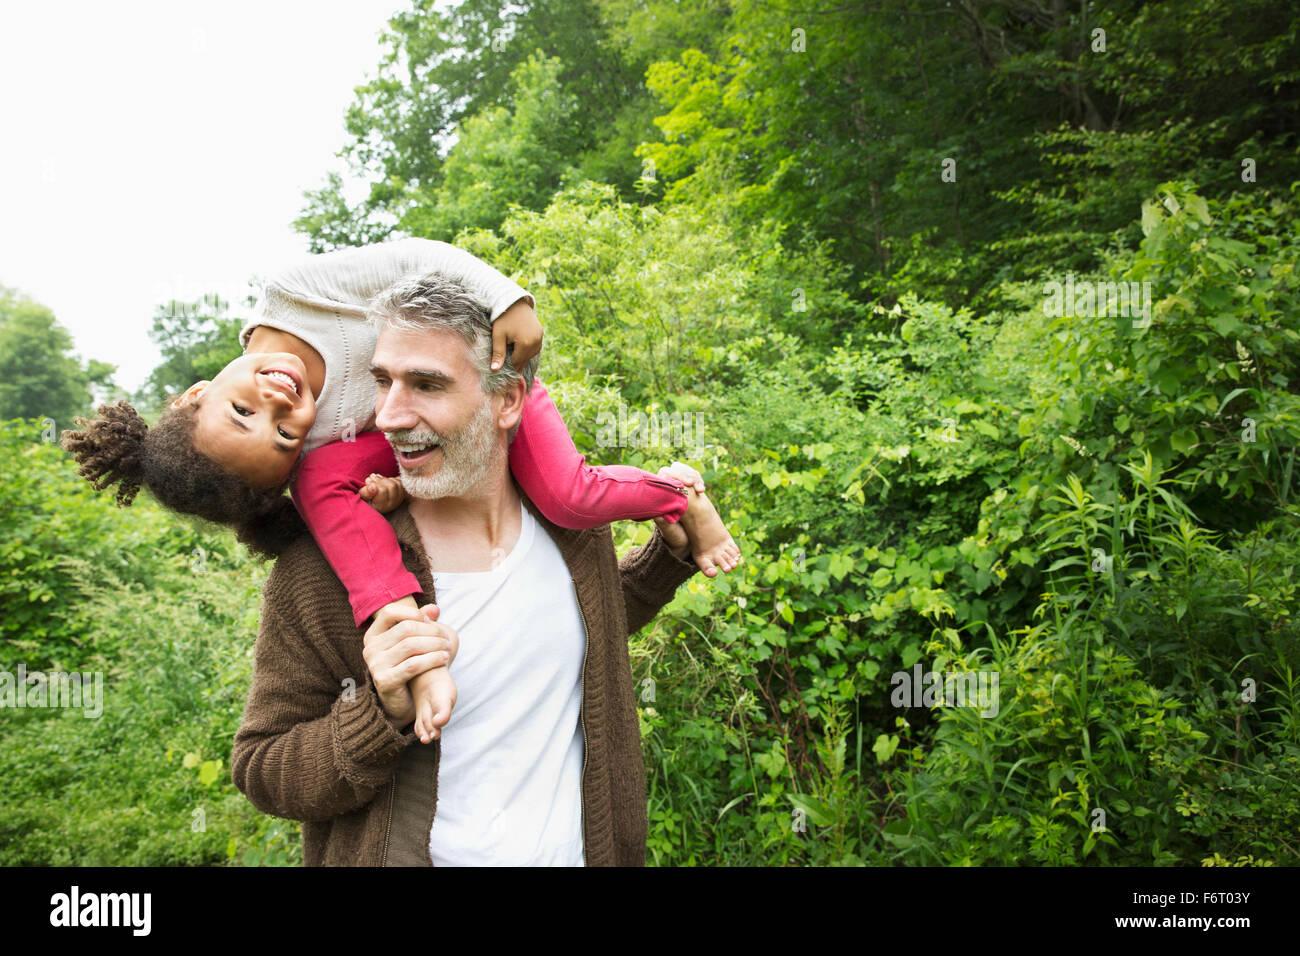 Vater mit Tochter auf Schultern Stockfoto